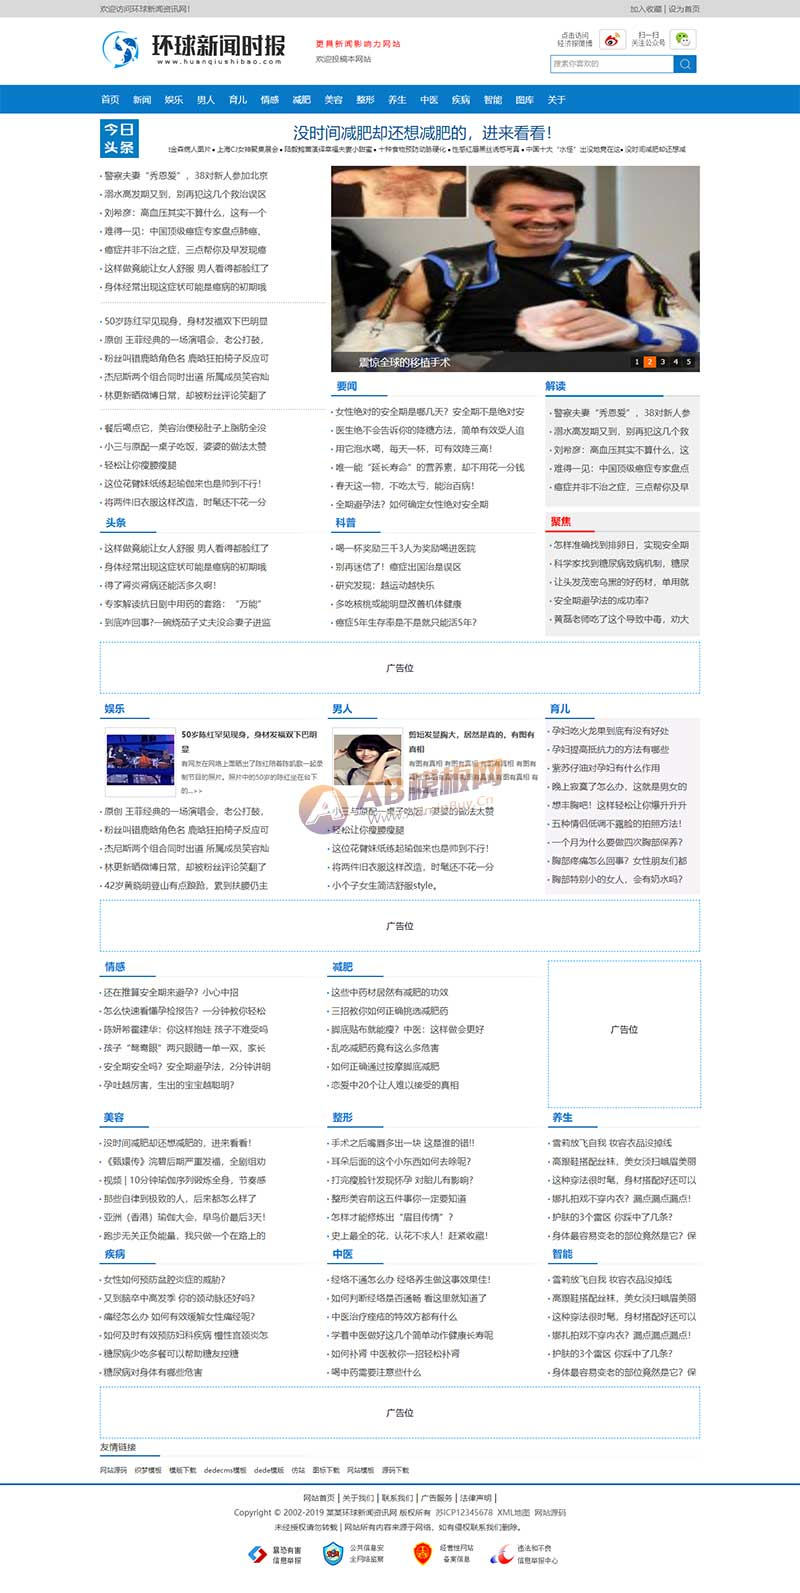 新闻时报资讯类网站织梦爱博体育线路 新闻资讯门户网站源码下载